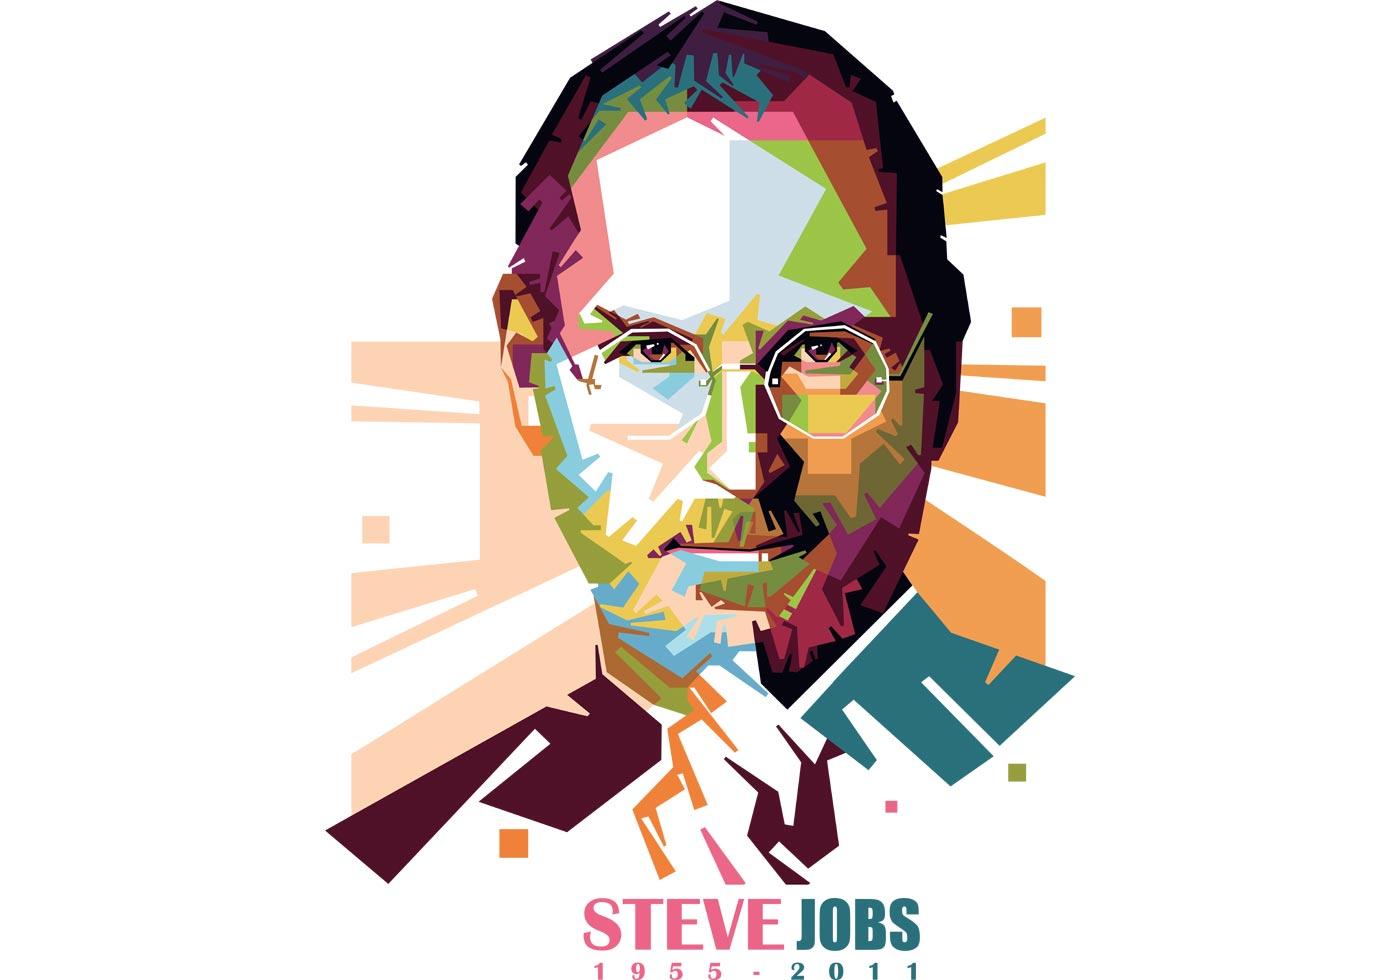 Mr Price Home Design Quarter Contact Details Steve Jobs Typography Portrait Steve Jobs Vector Portrait